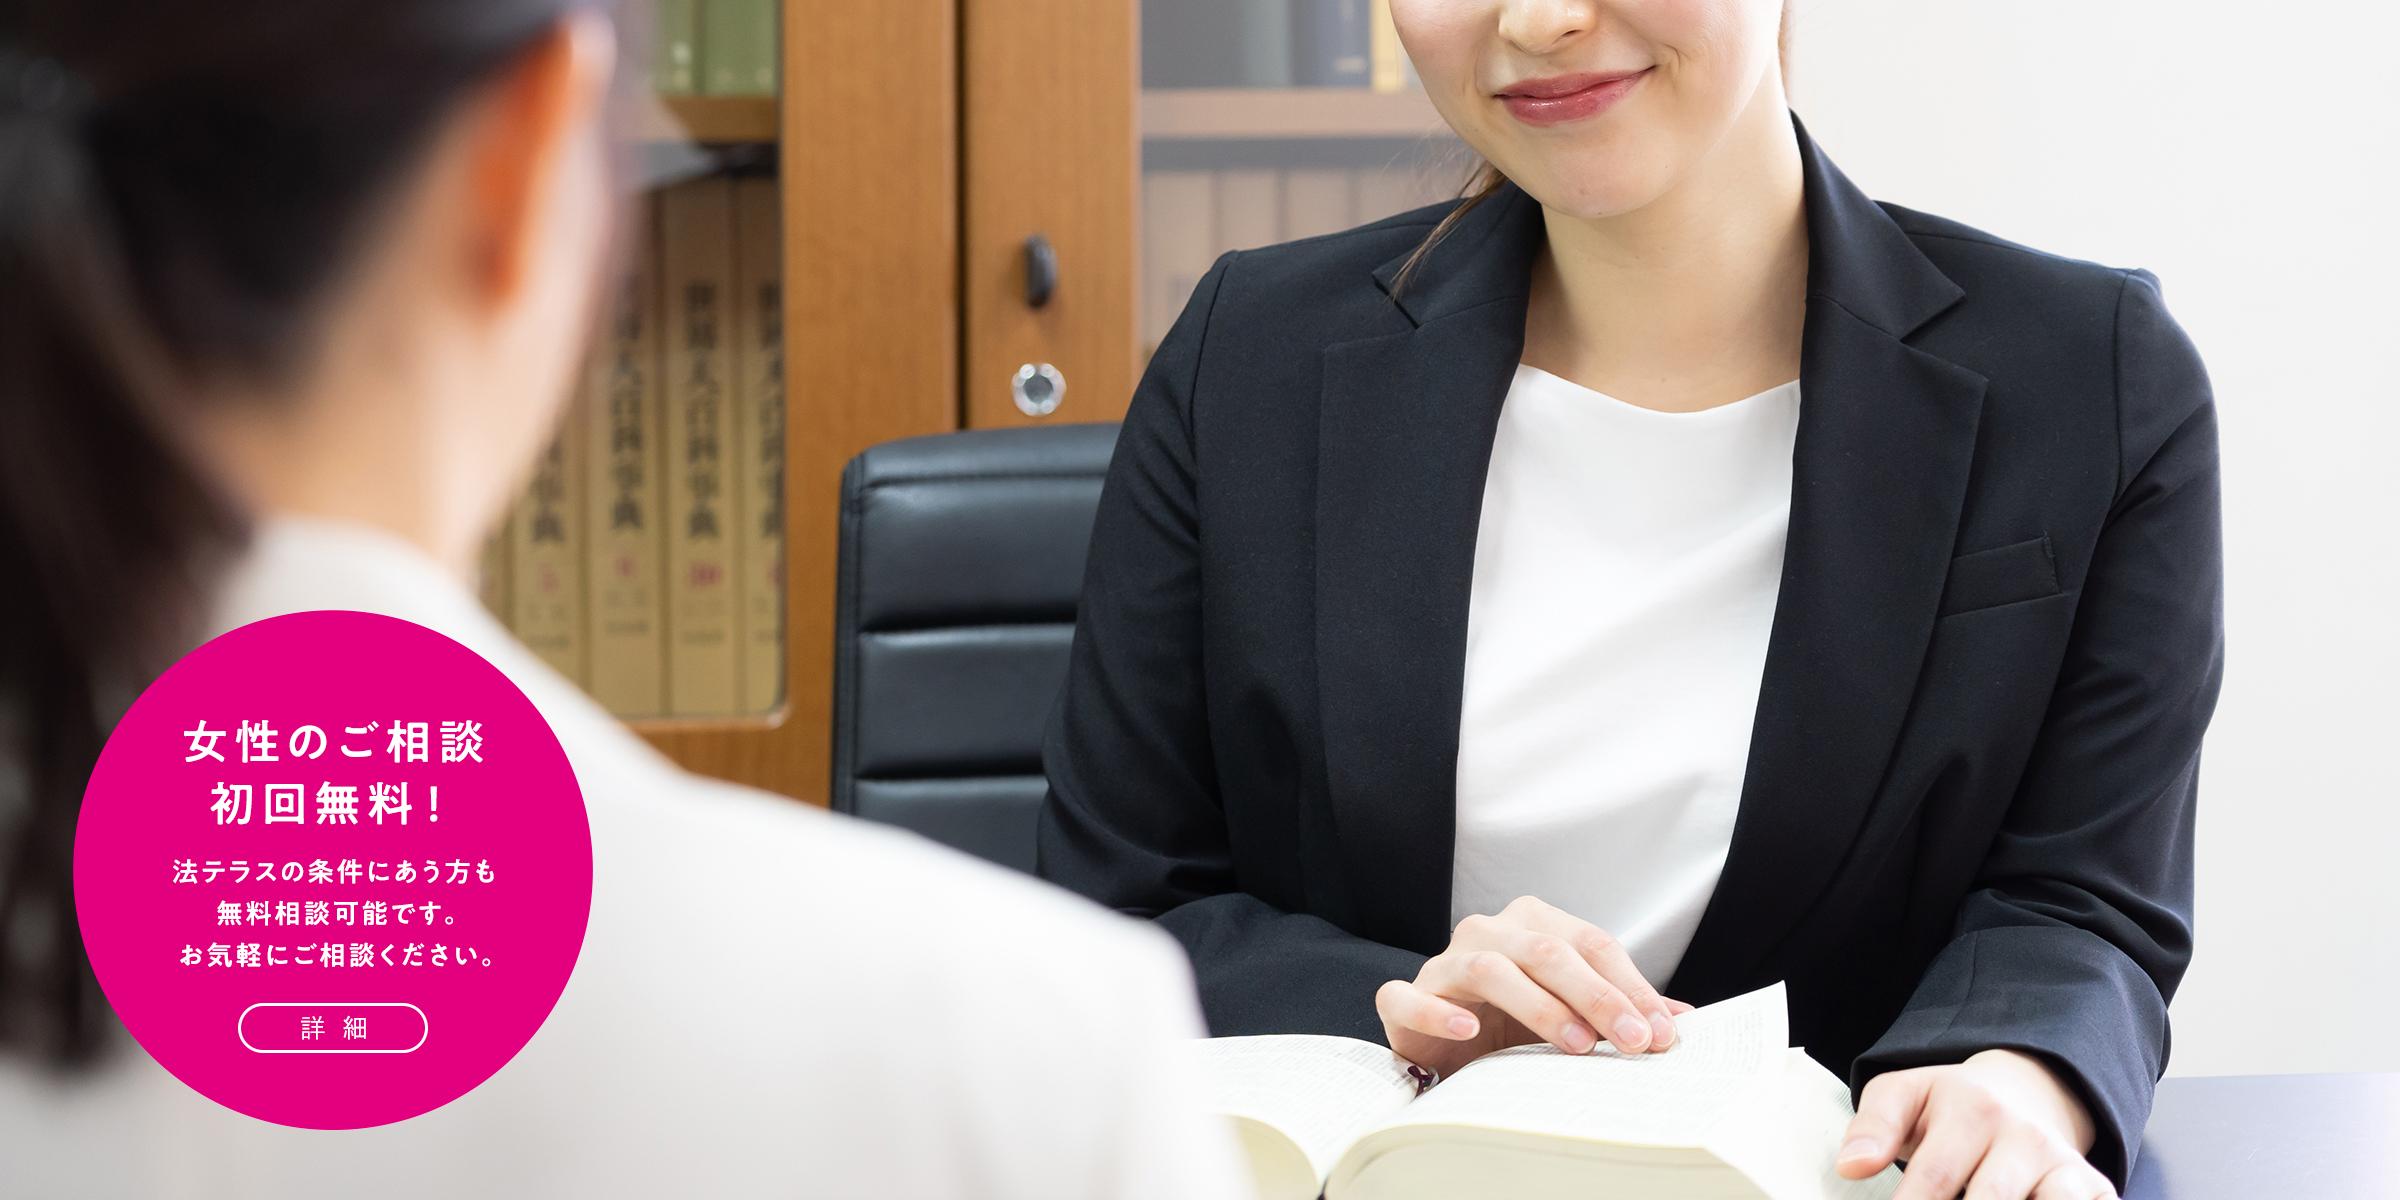 女性のご相談、初回無料!条件に合えば法テラスの無料相談のご利用も可能です。